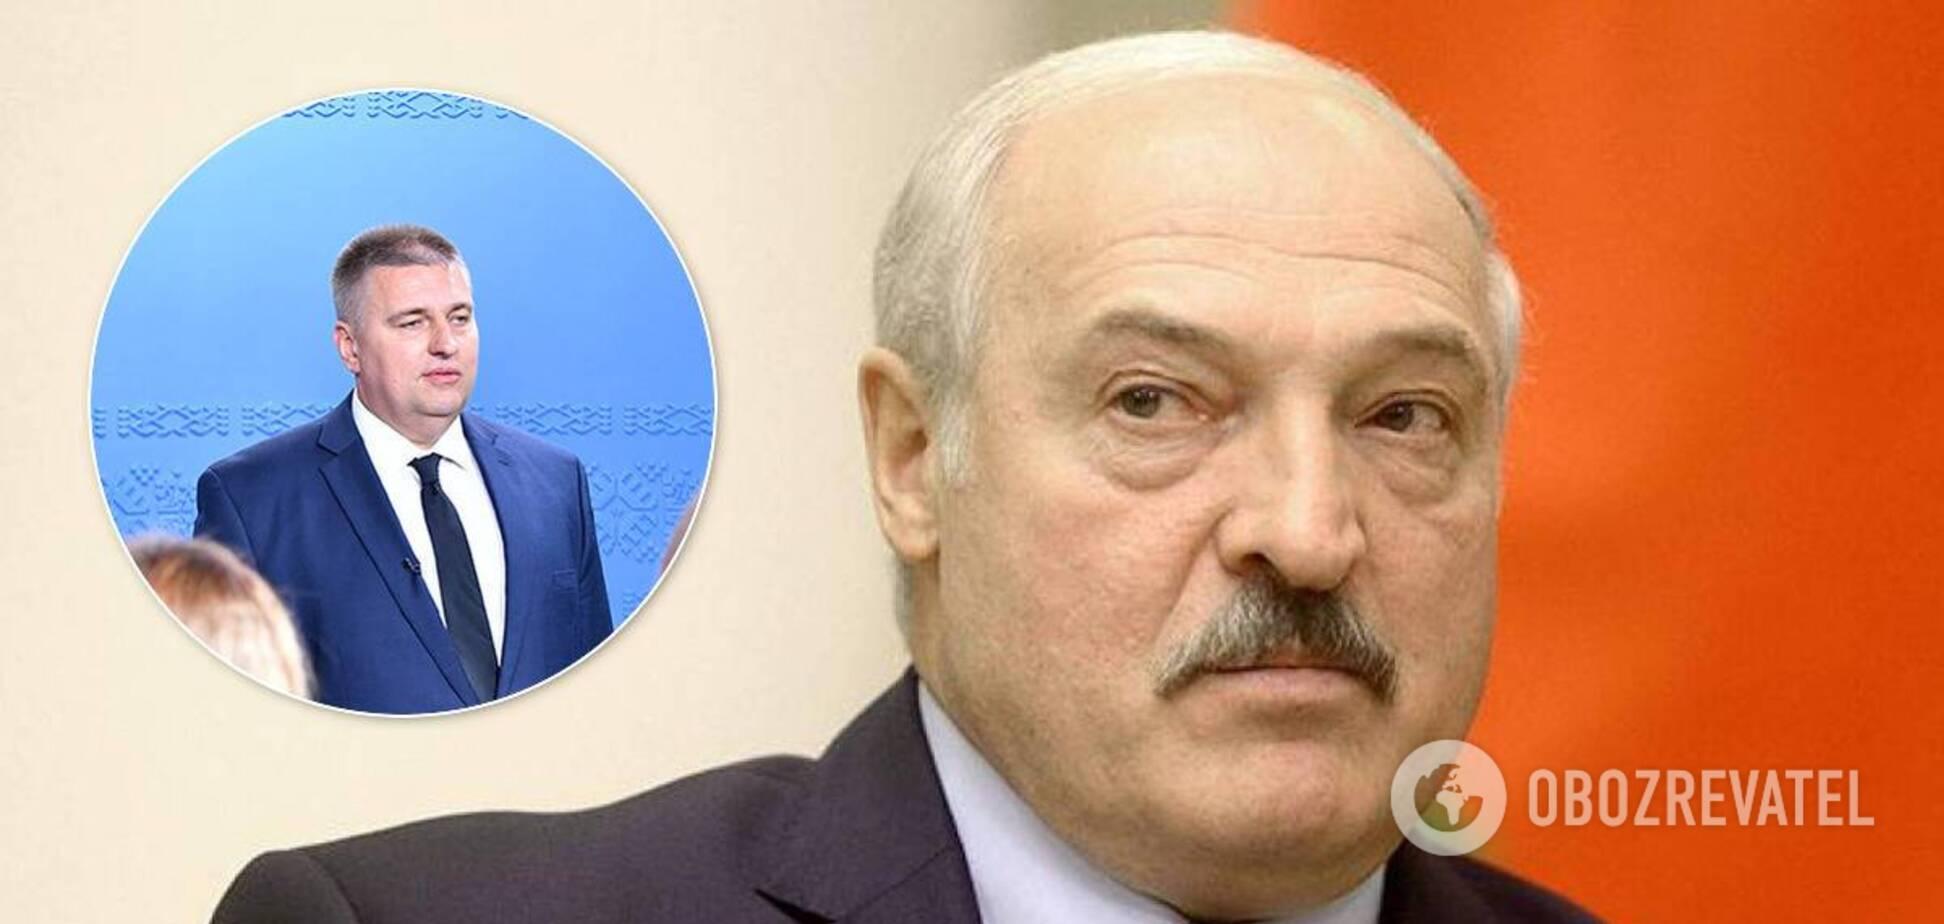 Олександр Лукашенко призначив послом у США Олега Кравченка